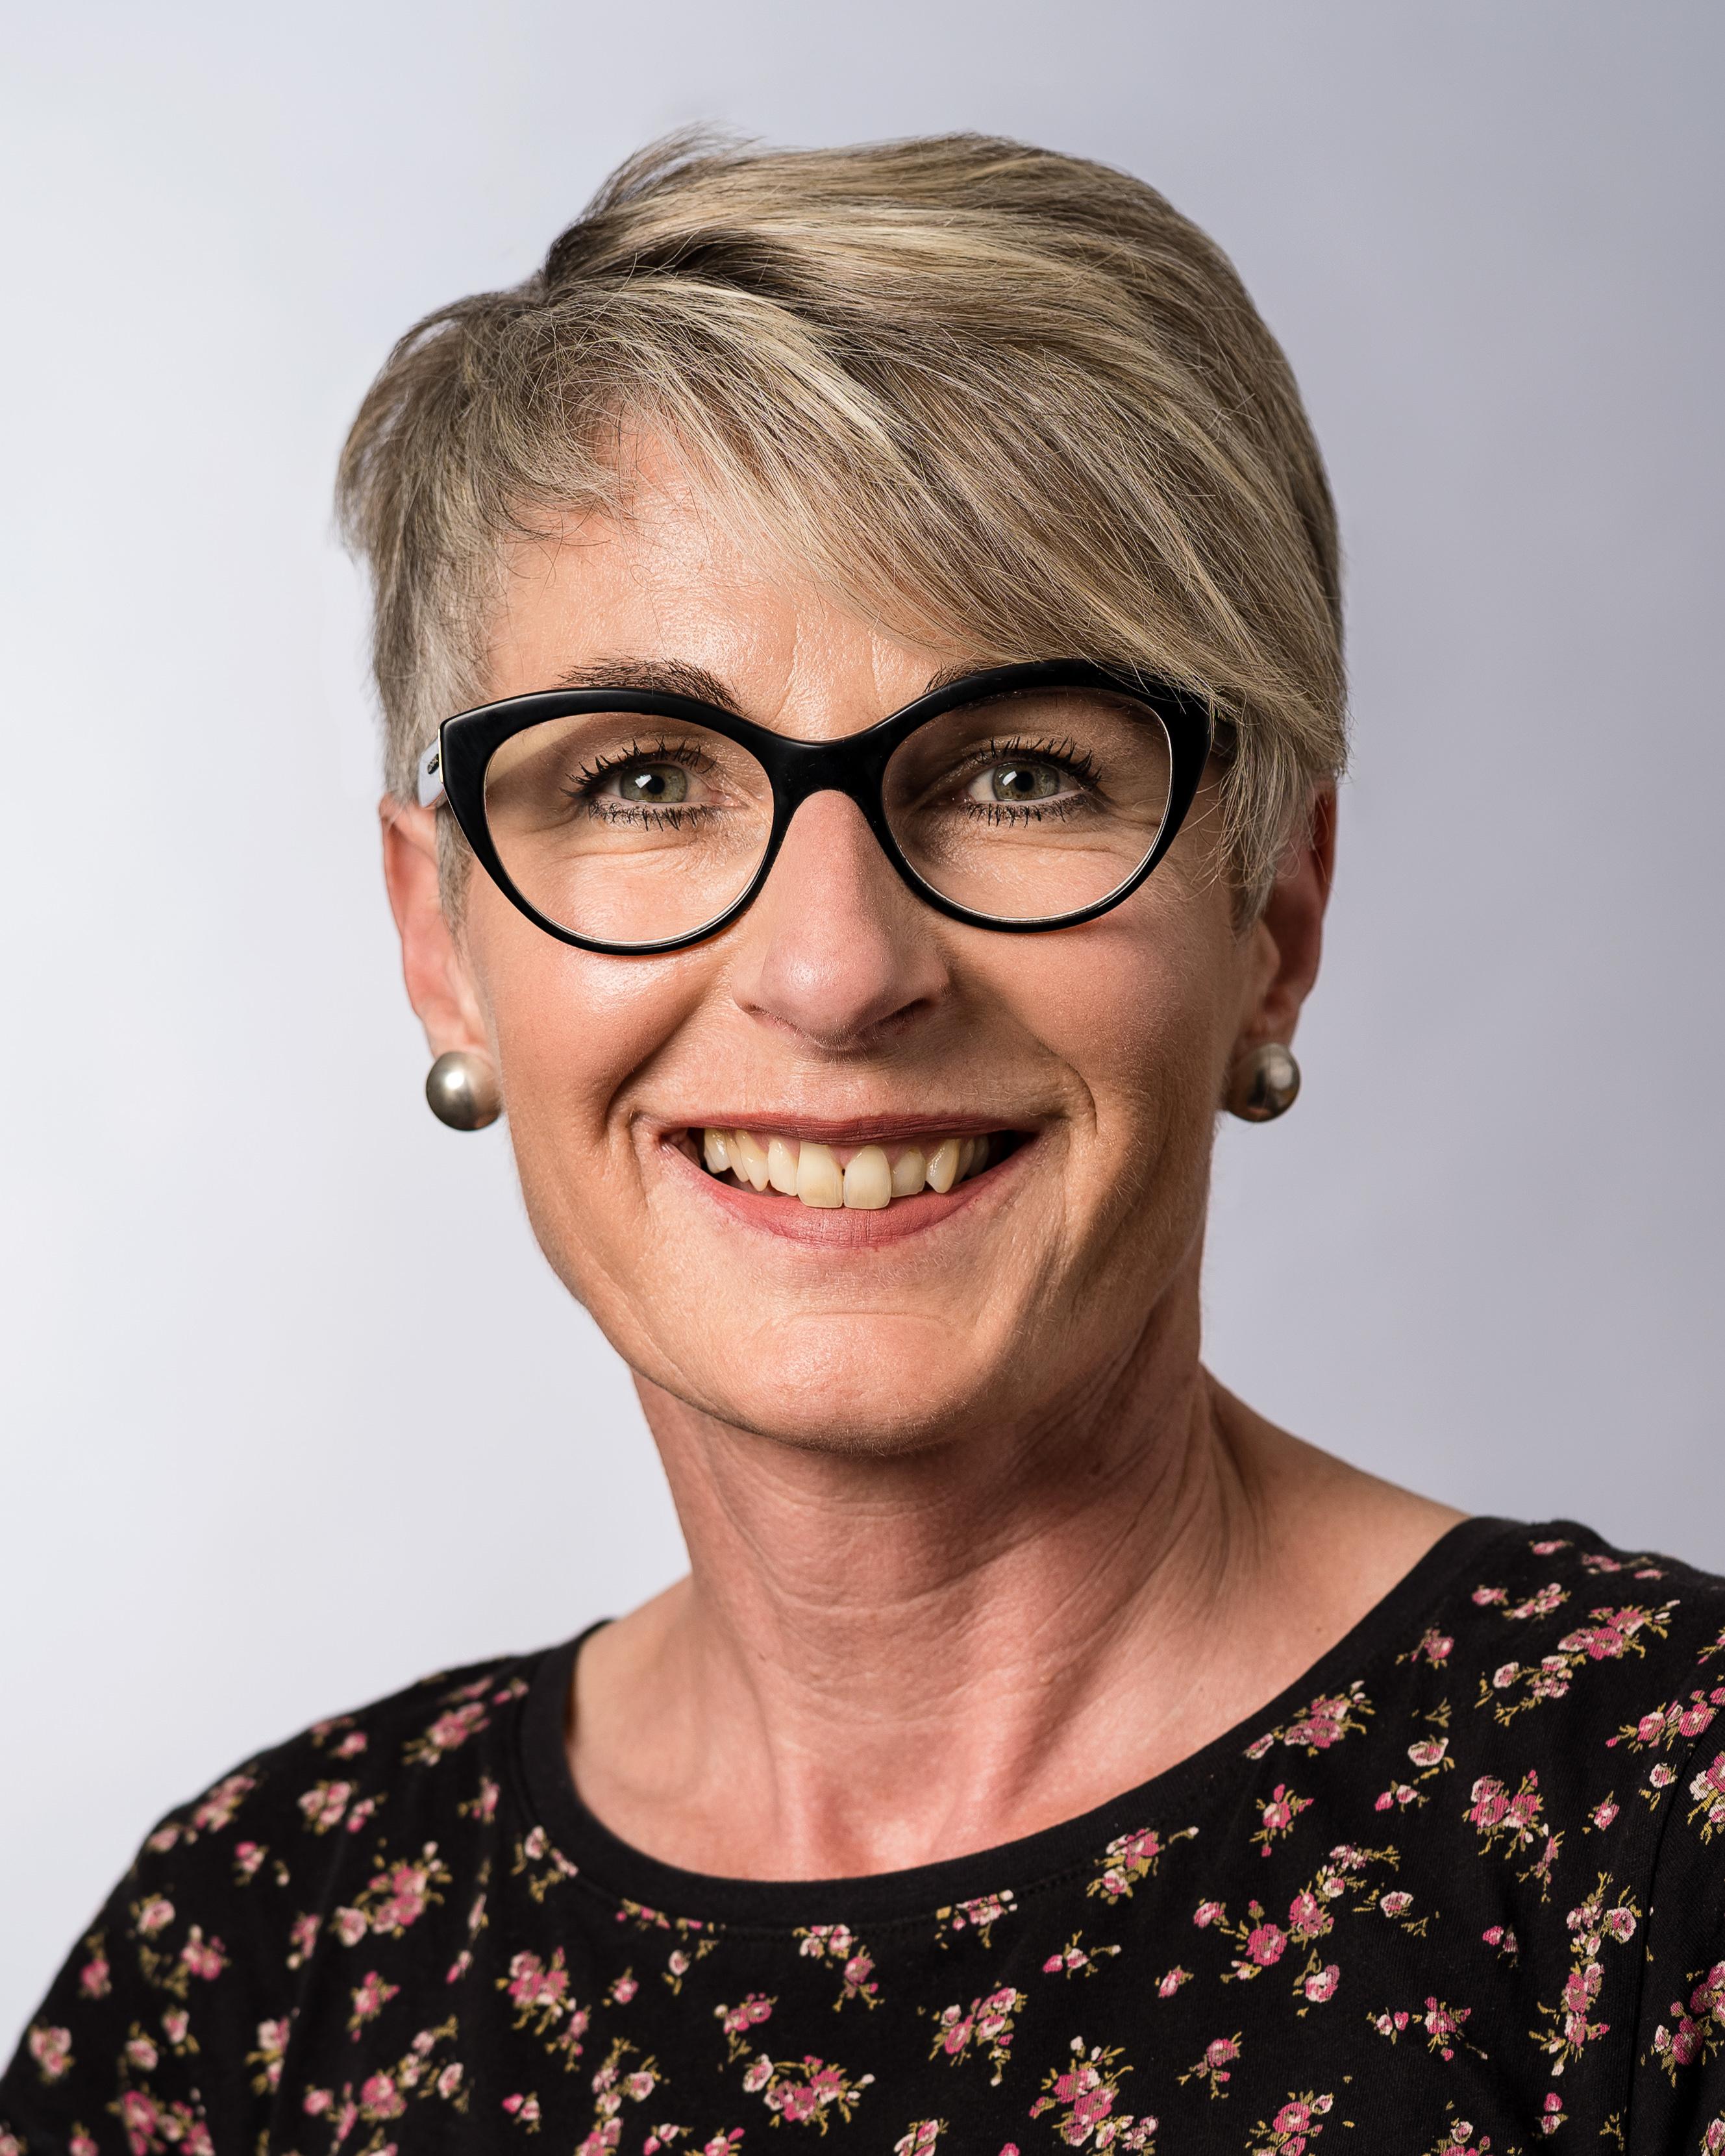 Ruth Esaltato